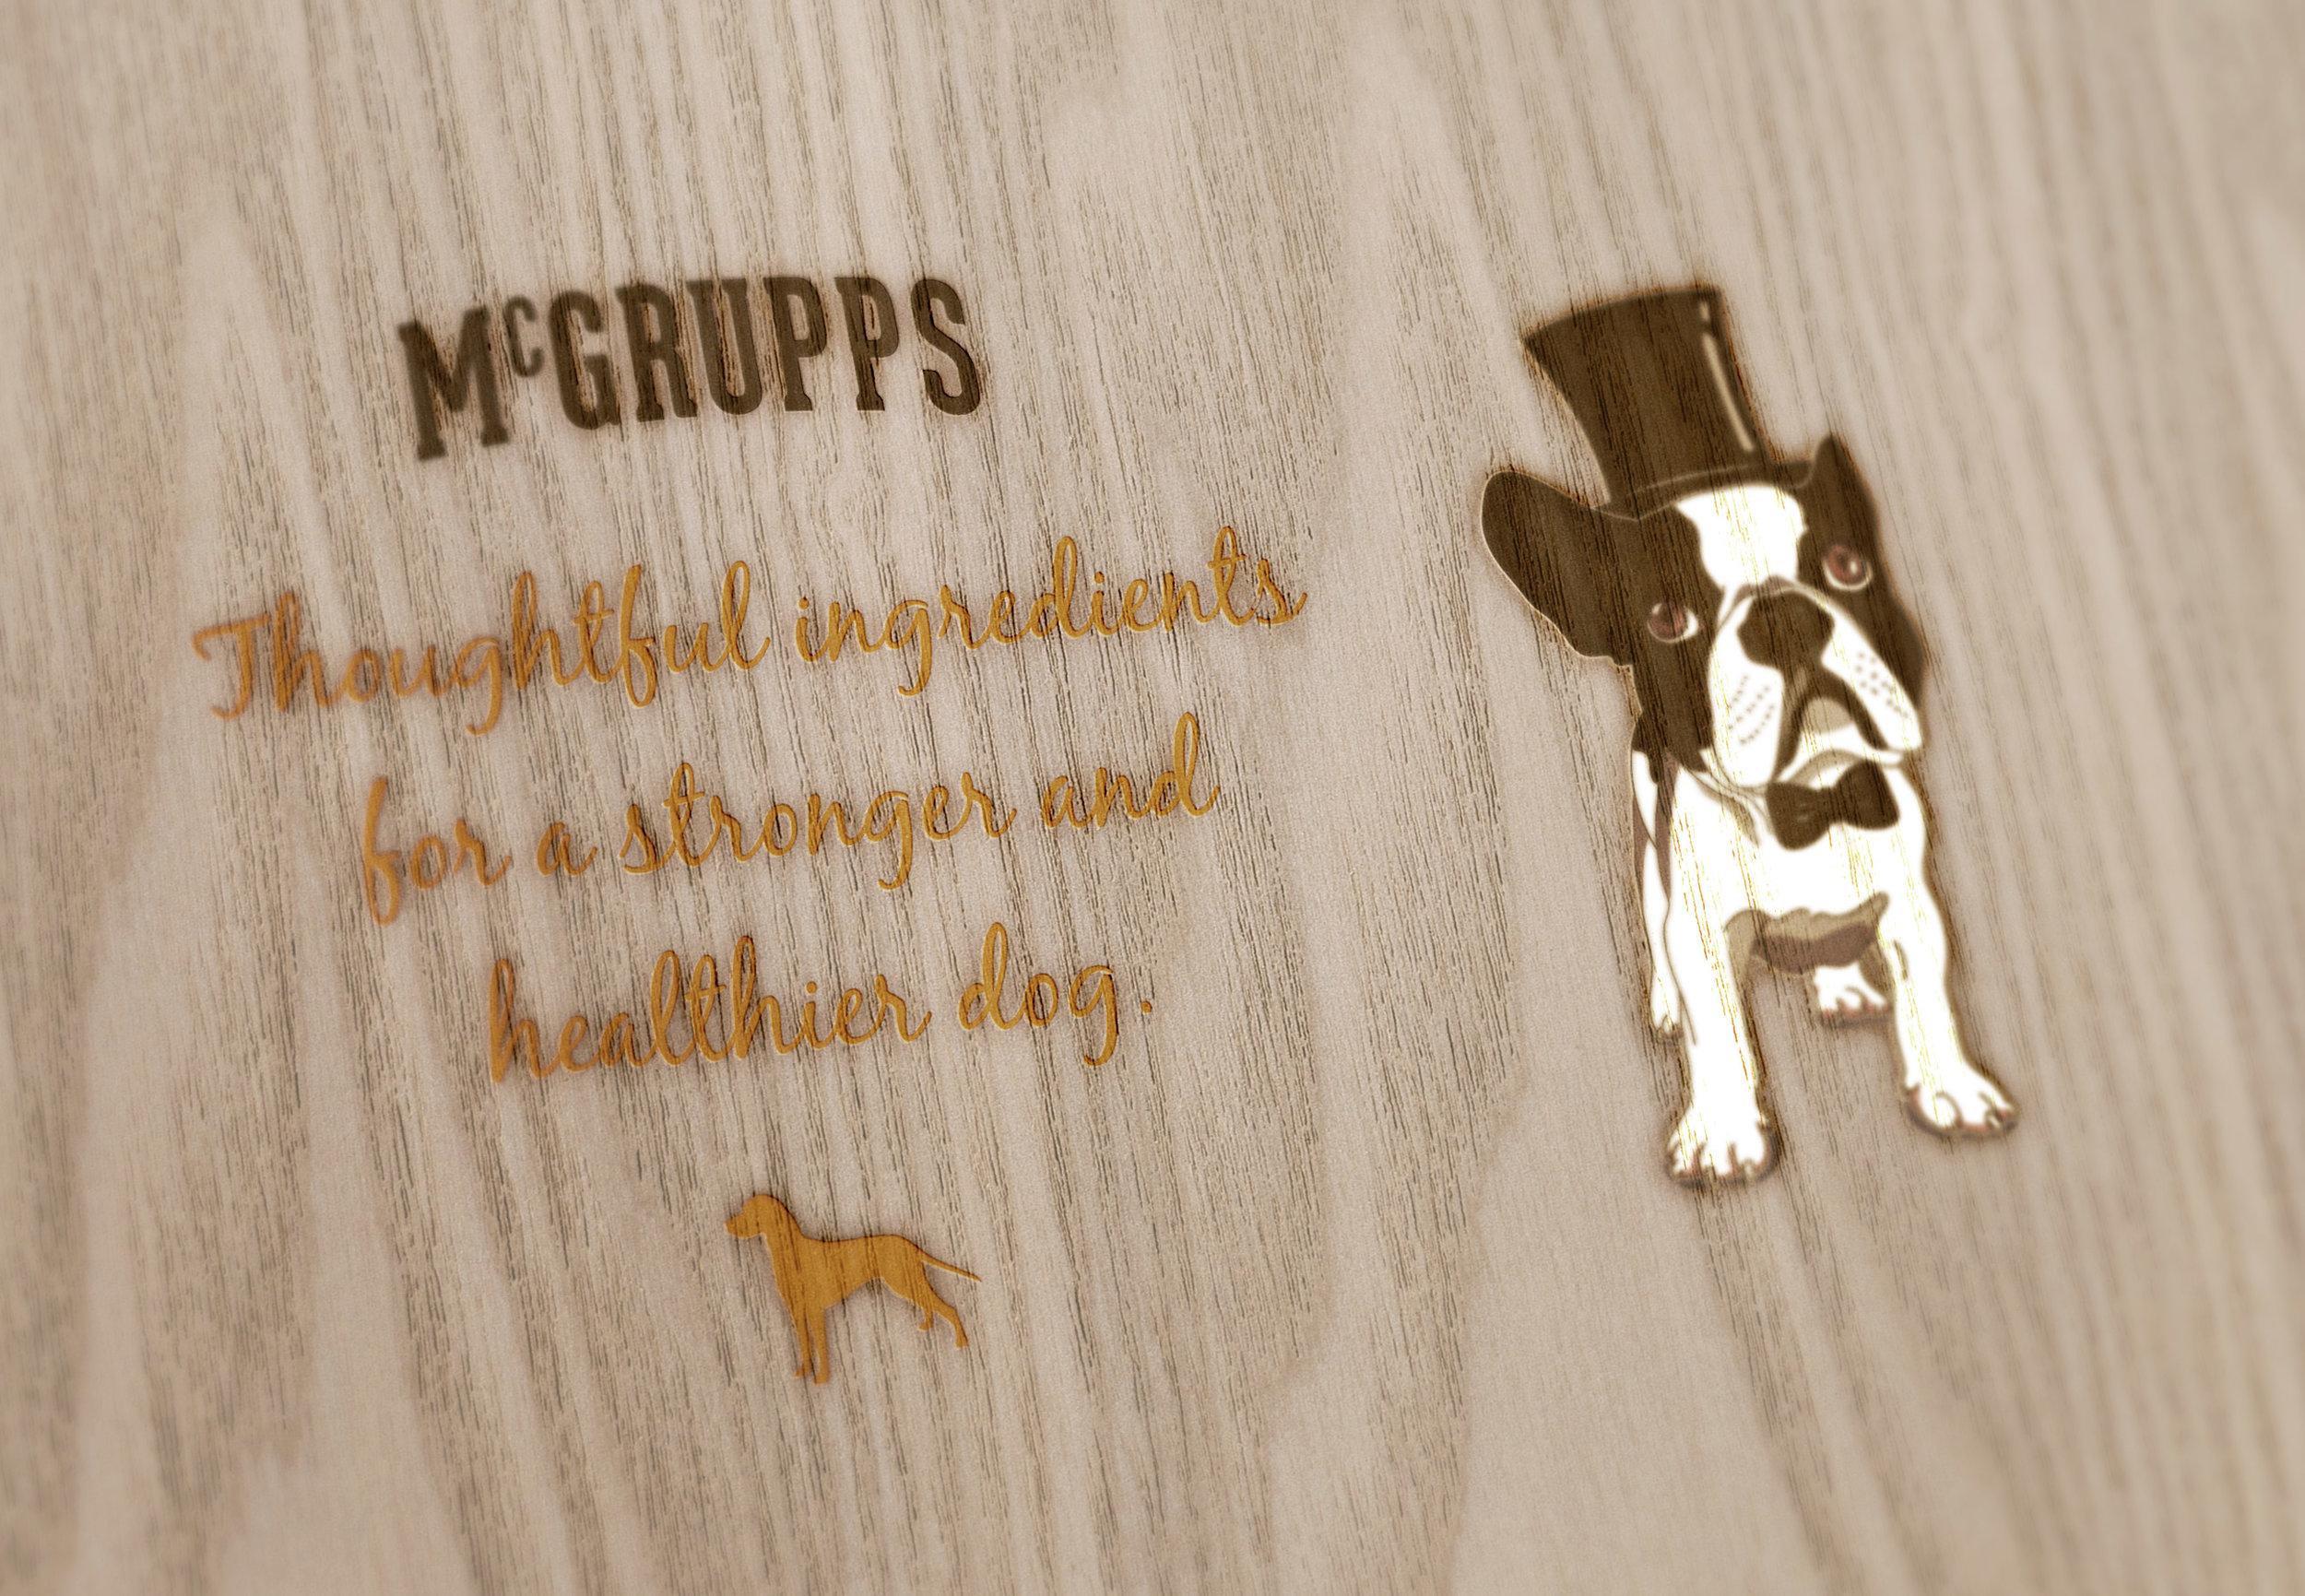 Mcgrupps-mockup07.jpg